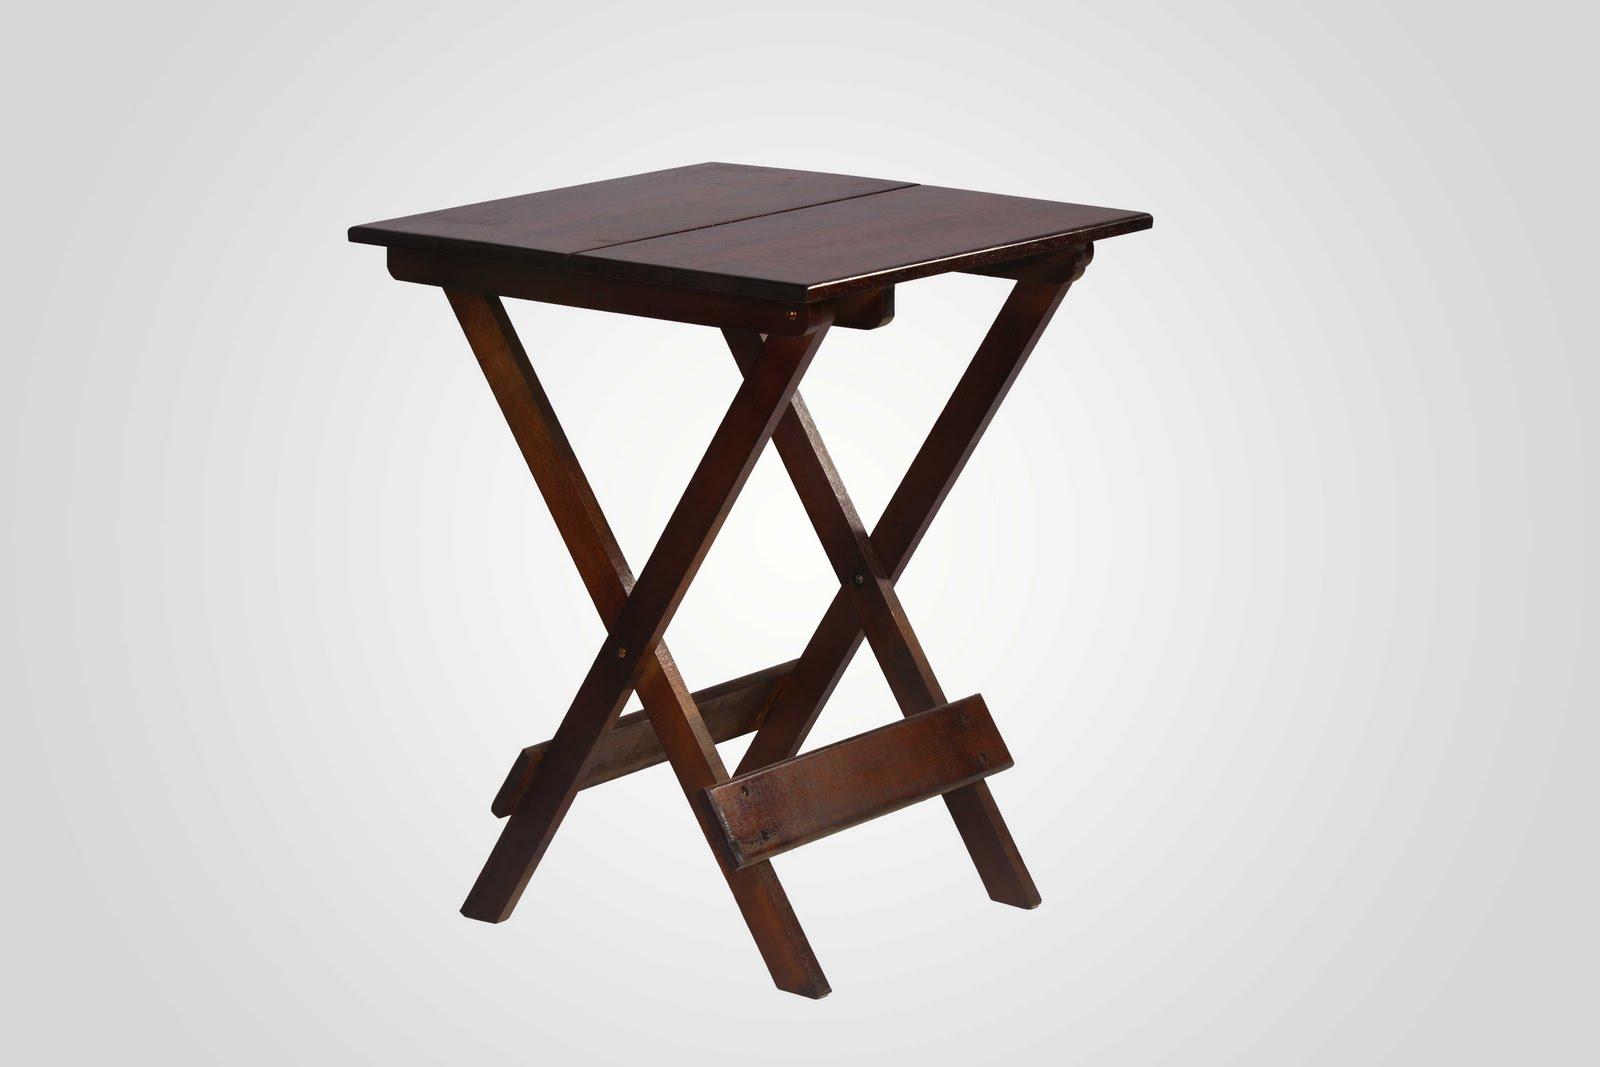 Locação de móveis e paisagismo: Mesas reunião madeira vime etc #311D16 1600x1067